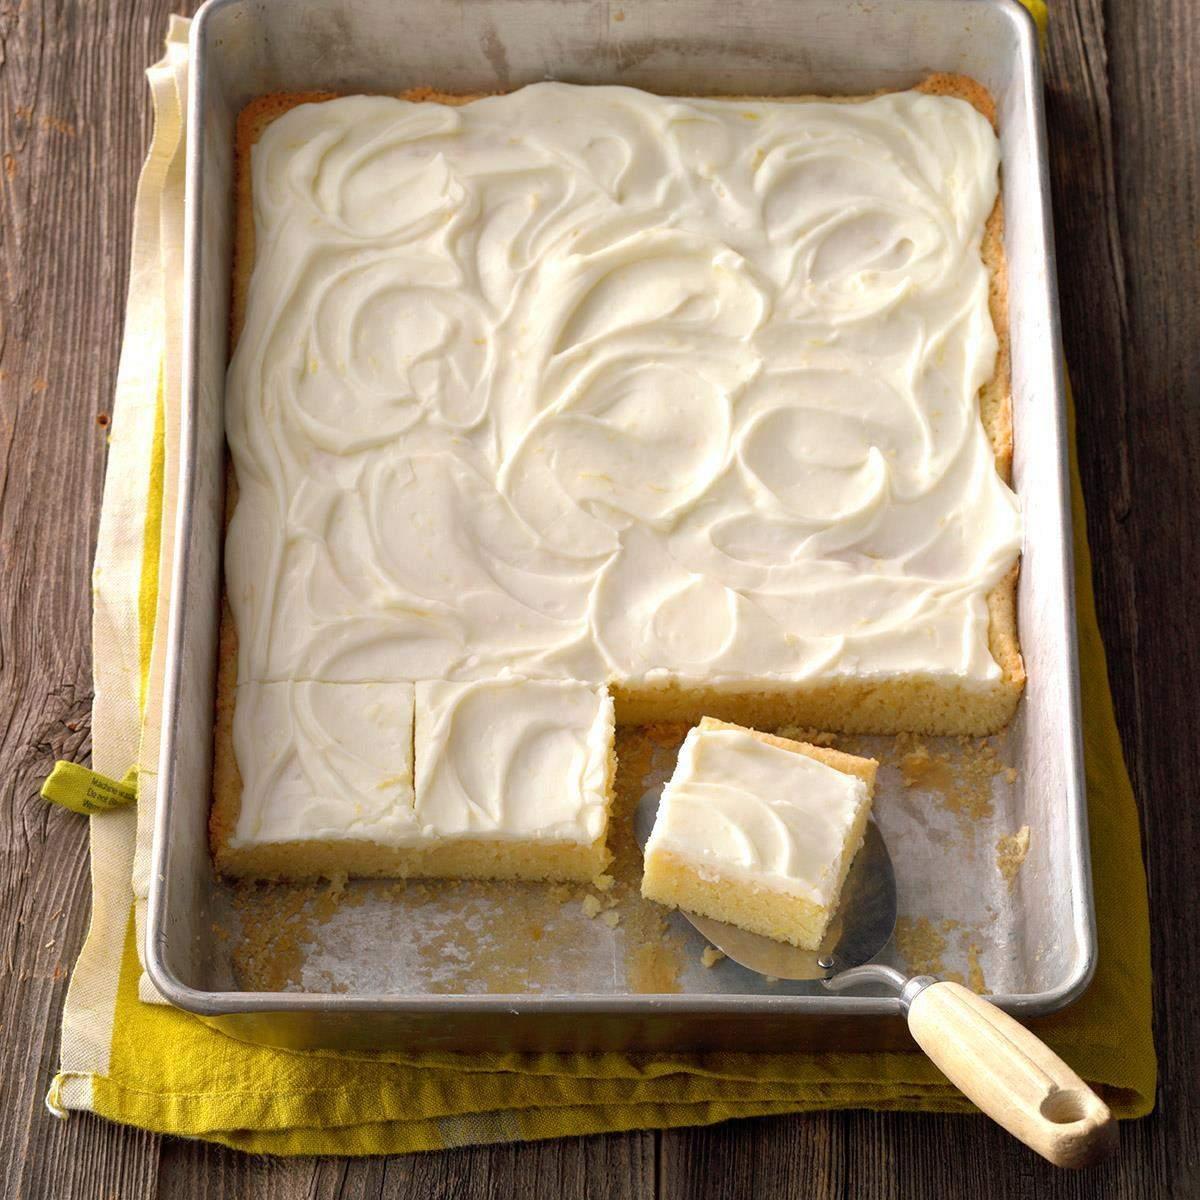 Receta de barras de limón con glaseado de queso crema